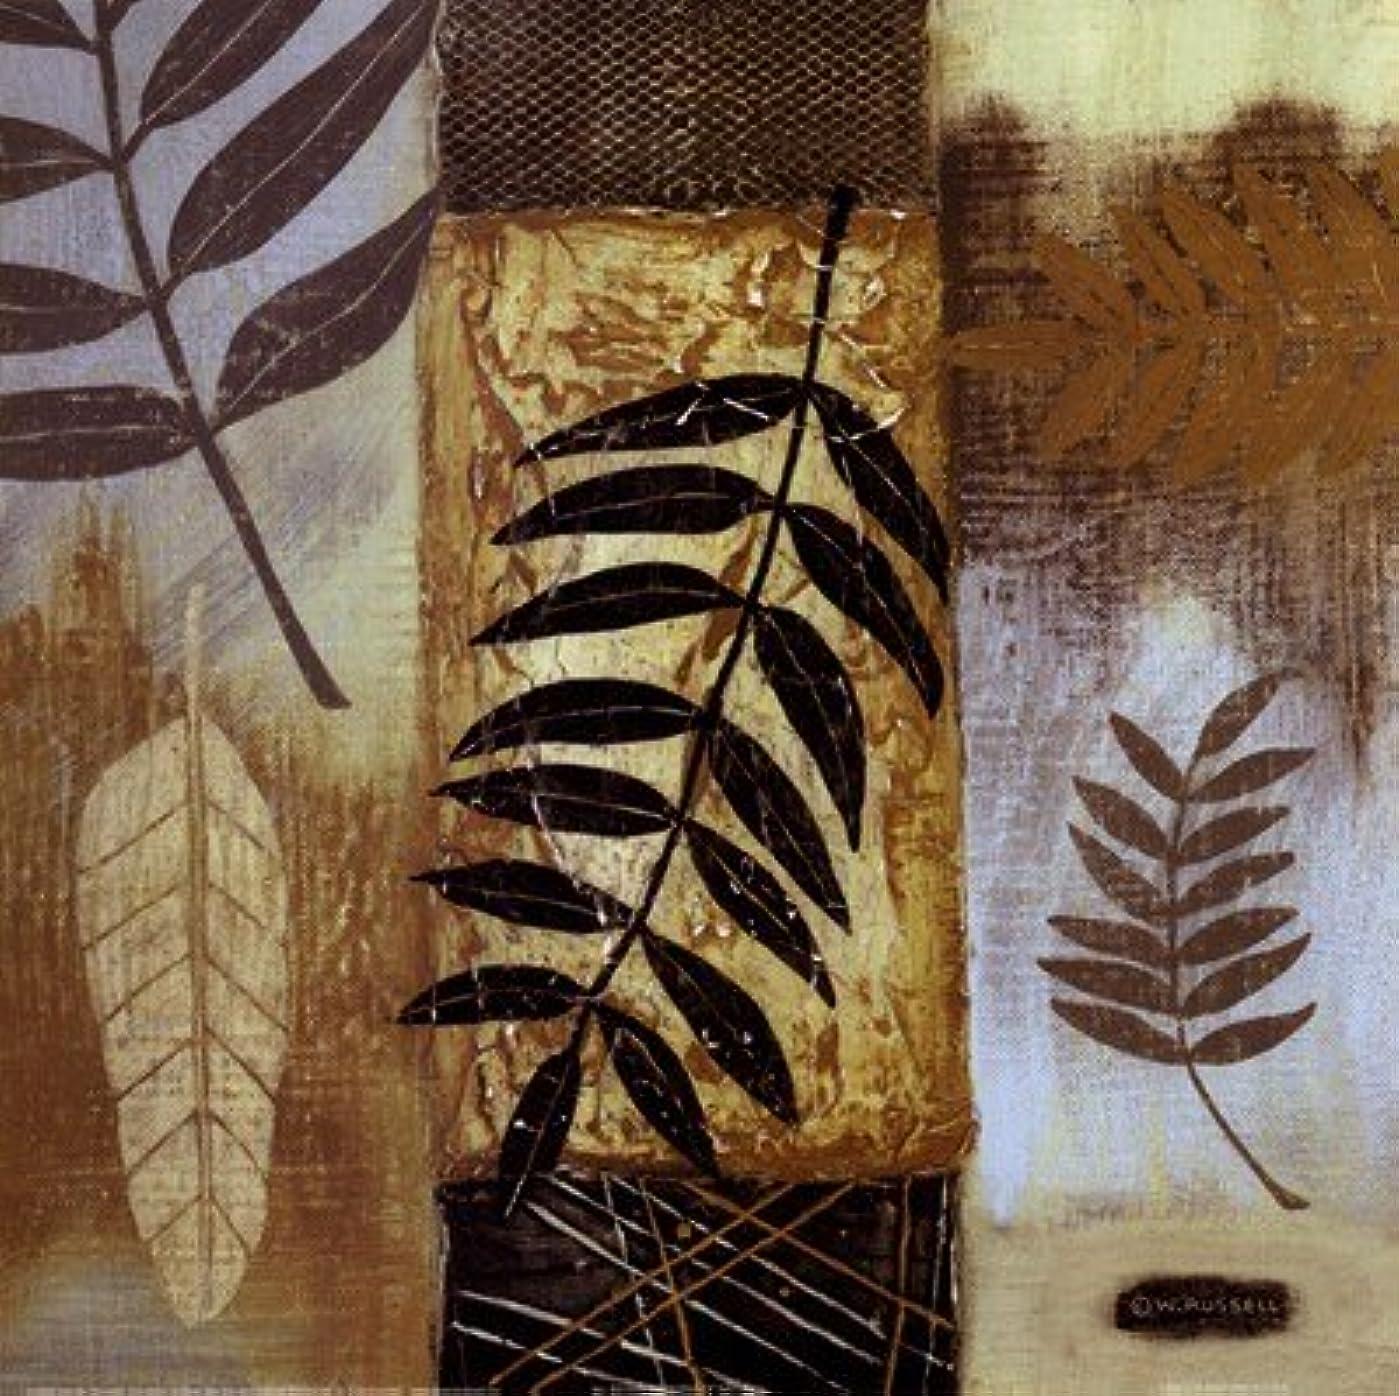 完全に乾くニッケルネコ自然のパターンI by Wendy Russell – 12 x 12インチ – アートプリントポスター 12  x 12  Inch LE_255654